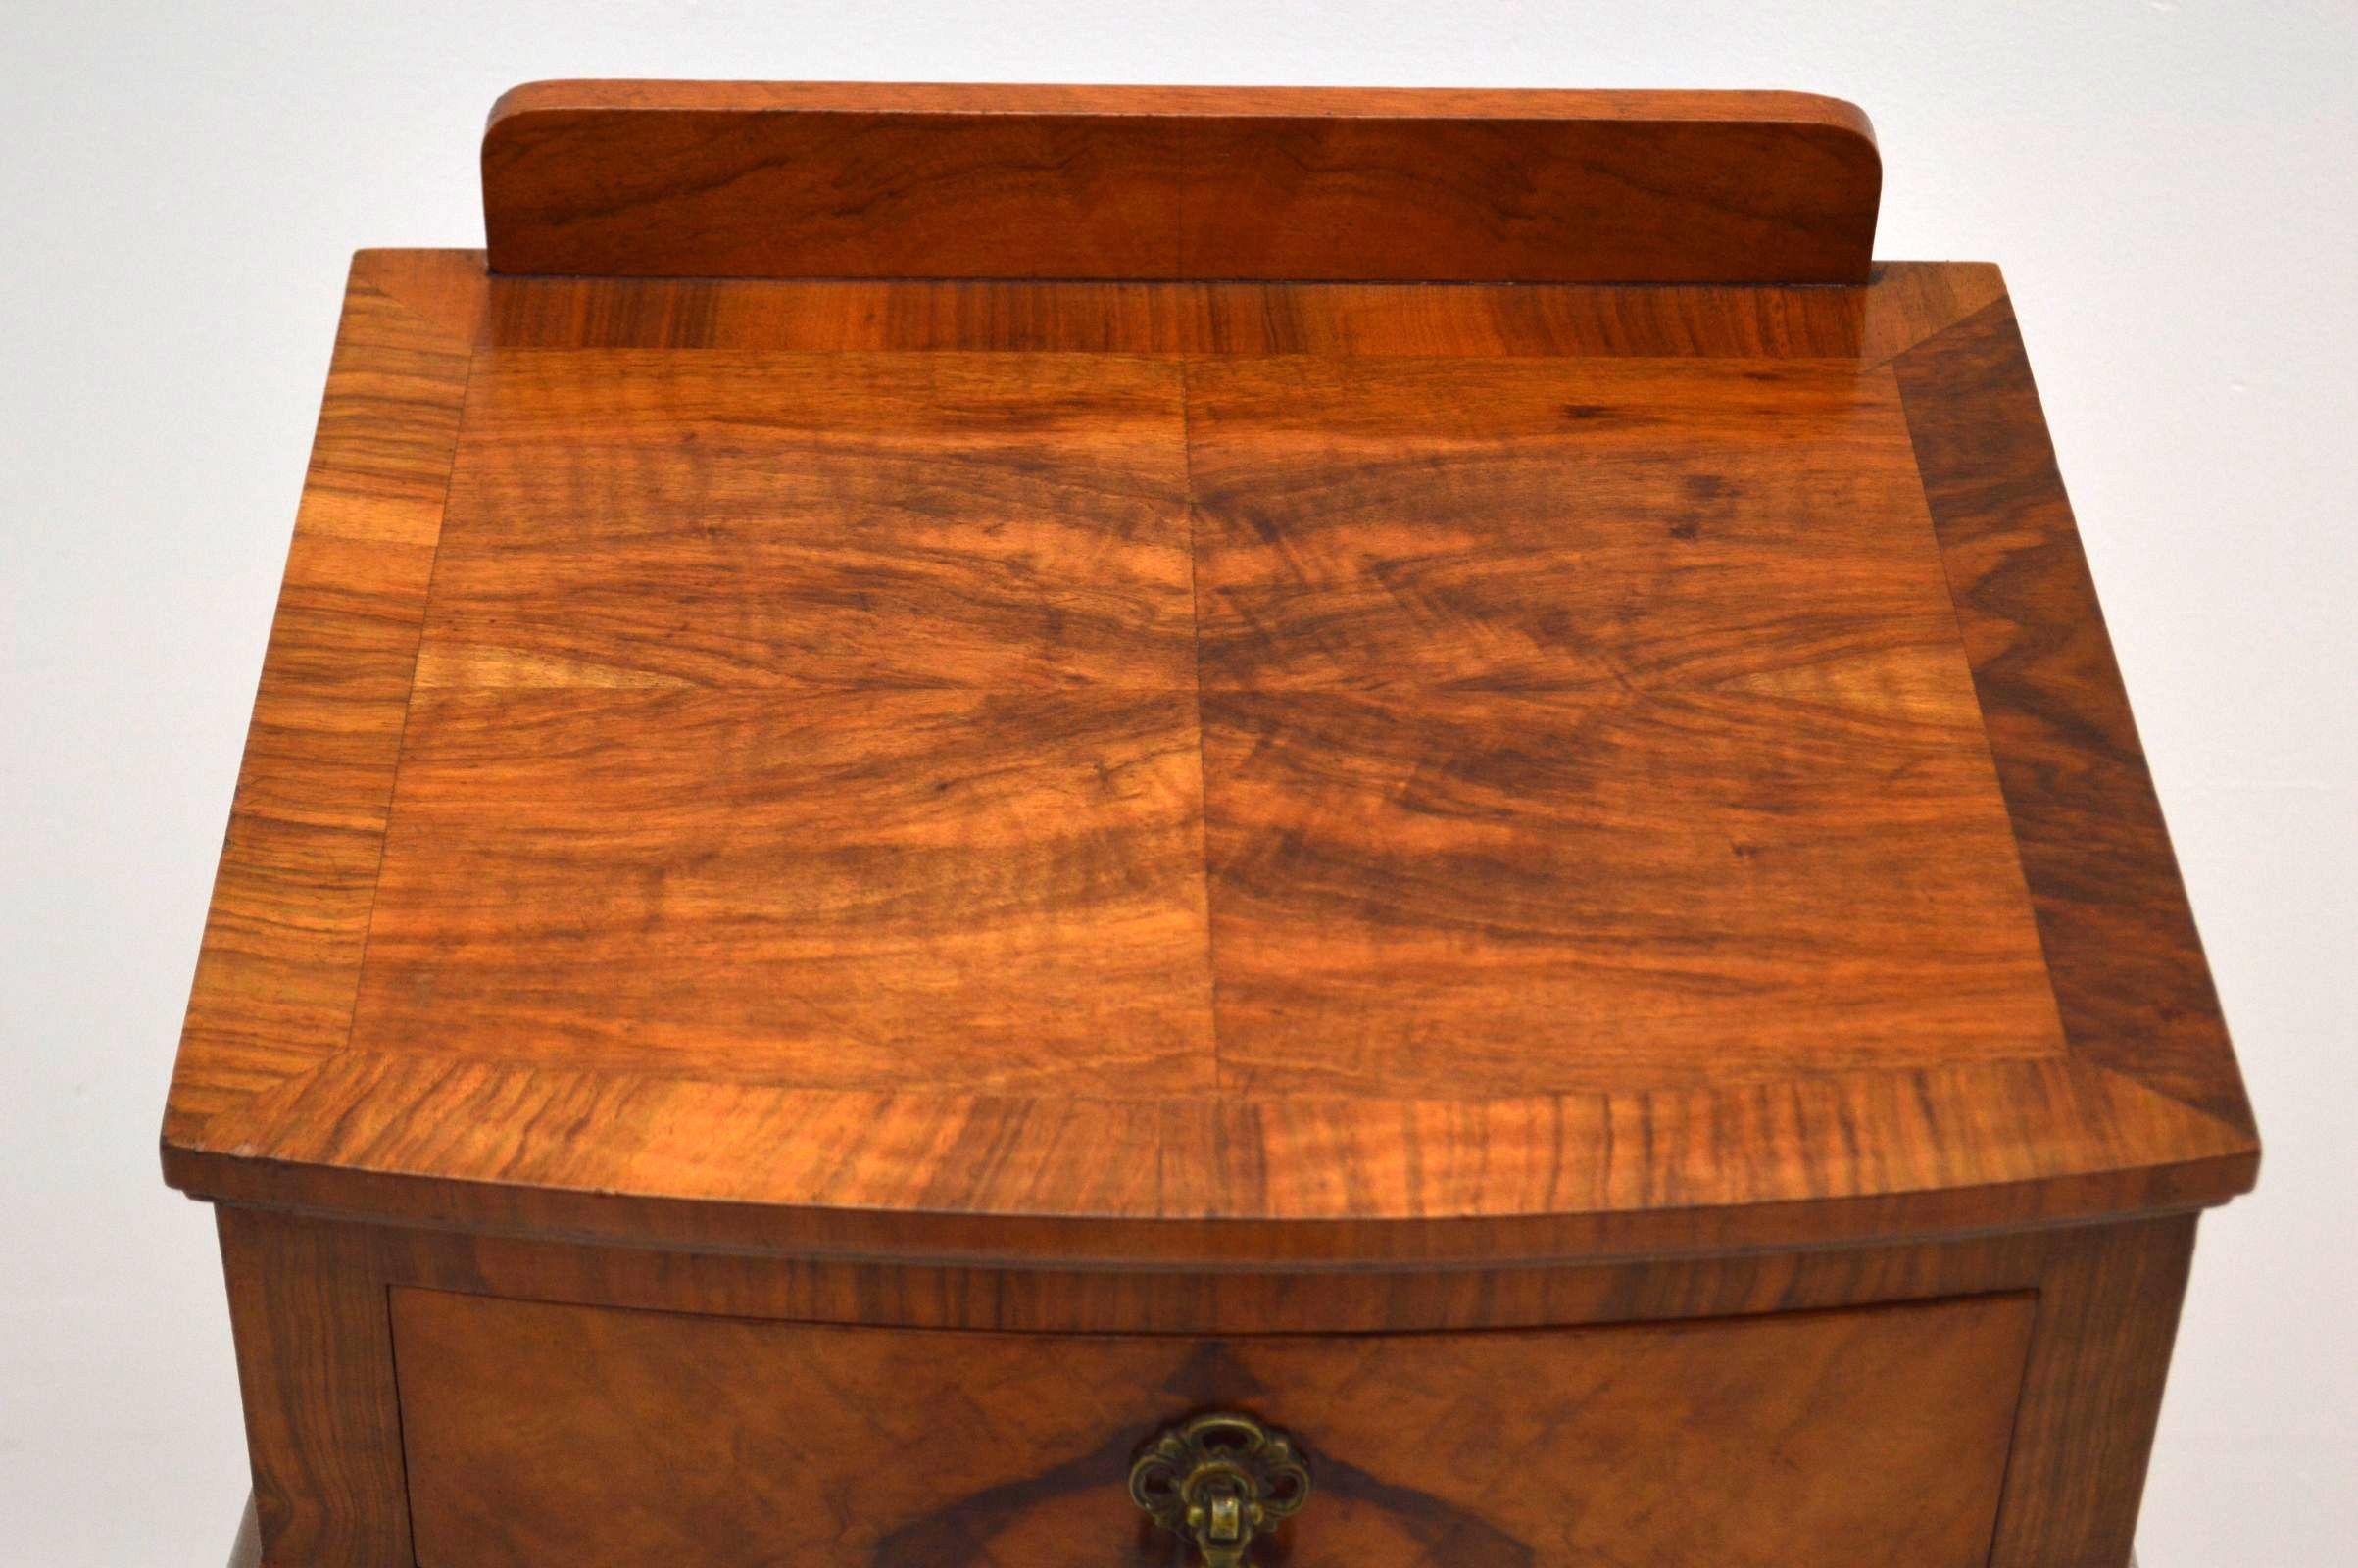 schlanker antiker beistelltisch telefontisch. Black Bedroom Furniture Sets. Home Design Ideas